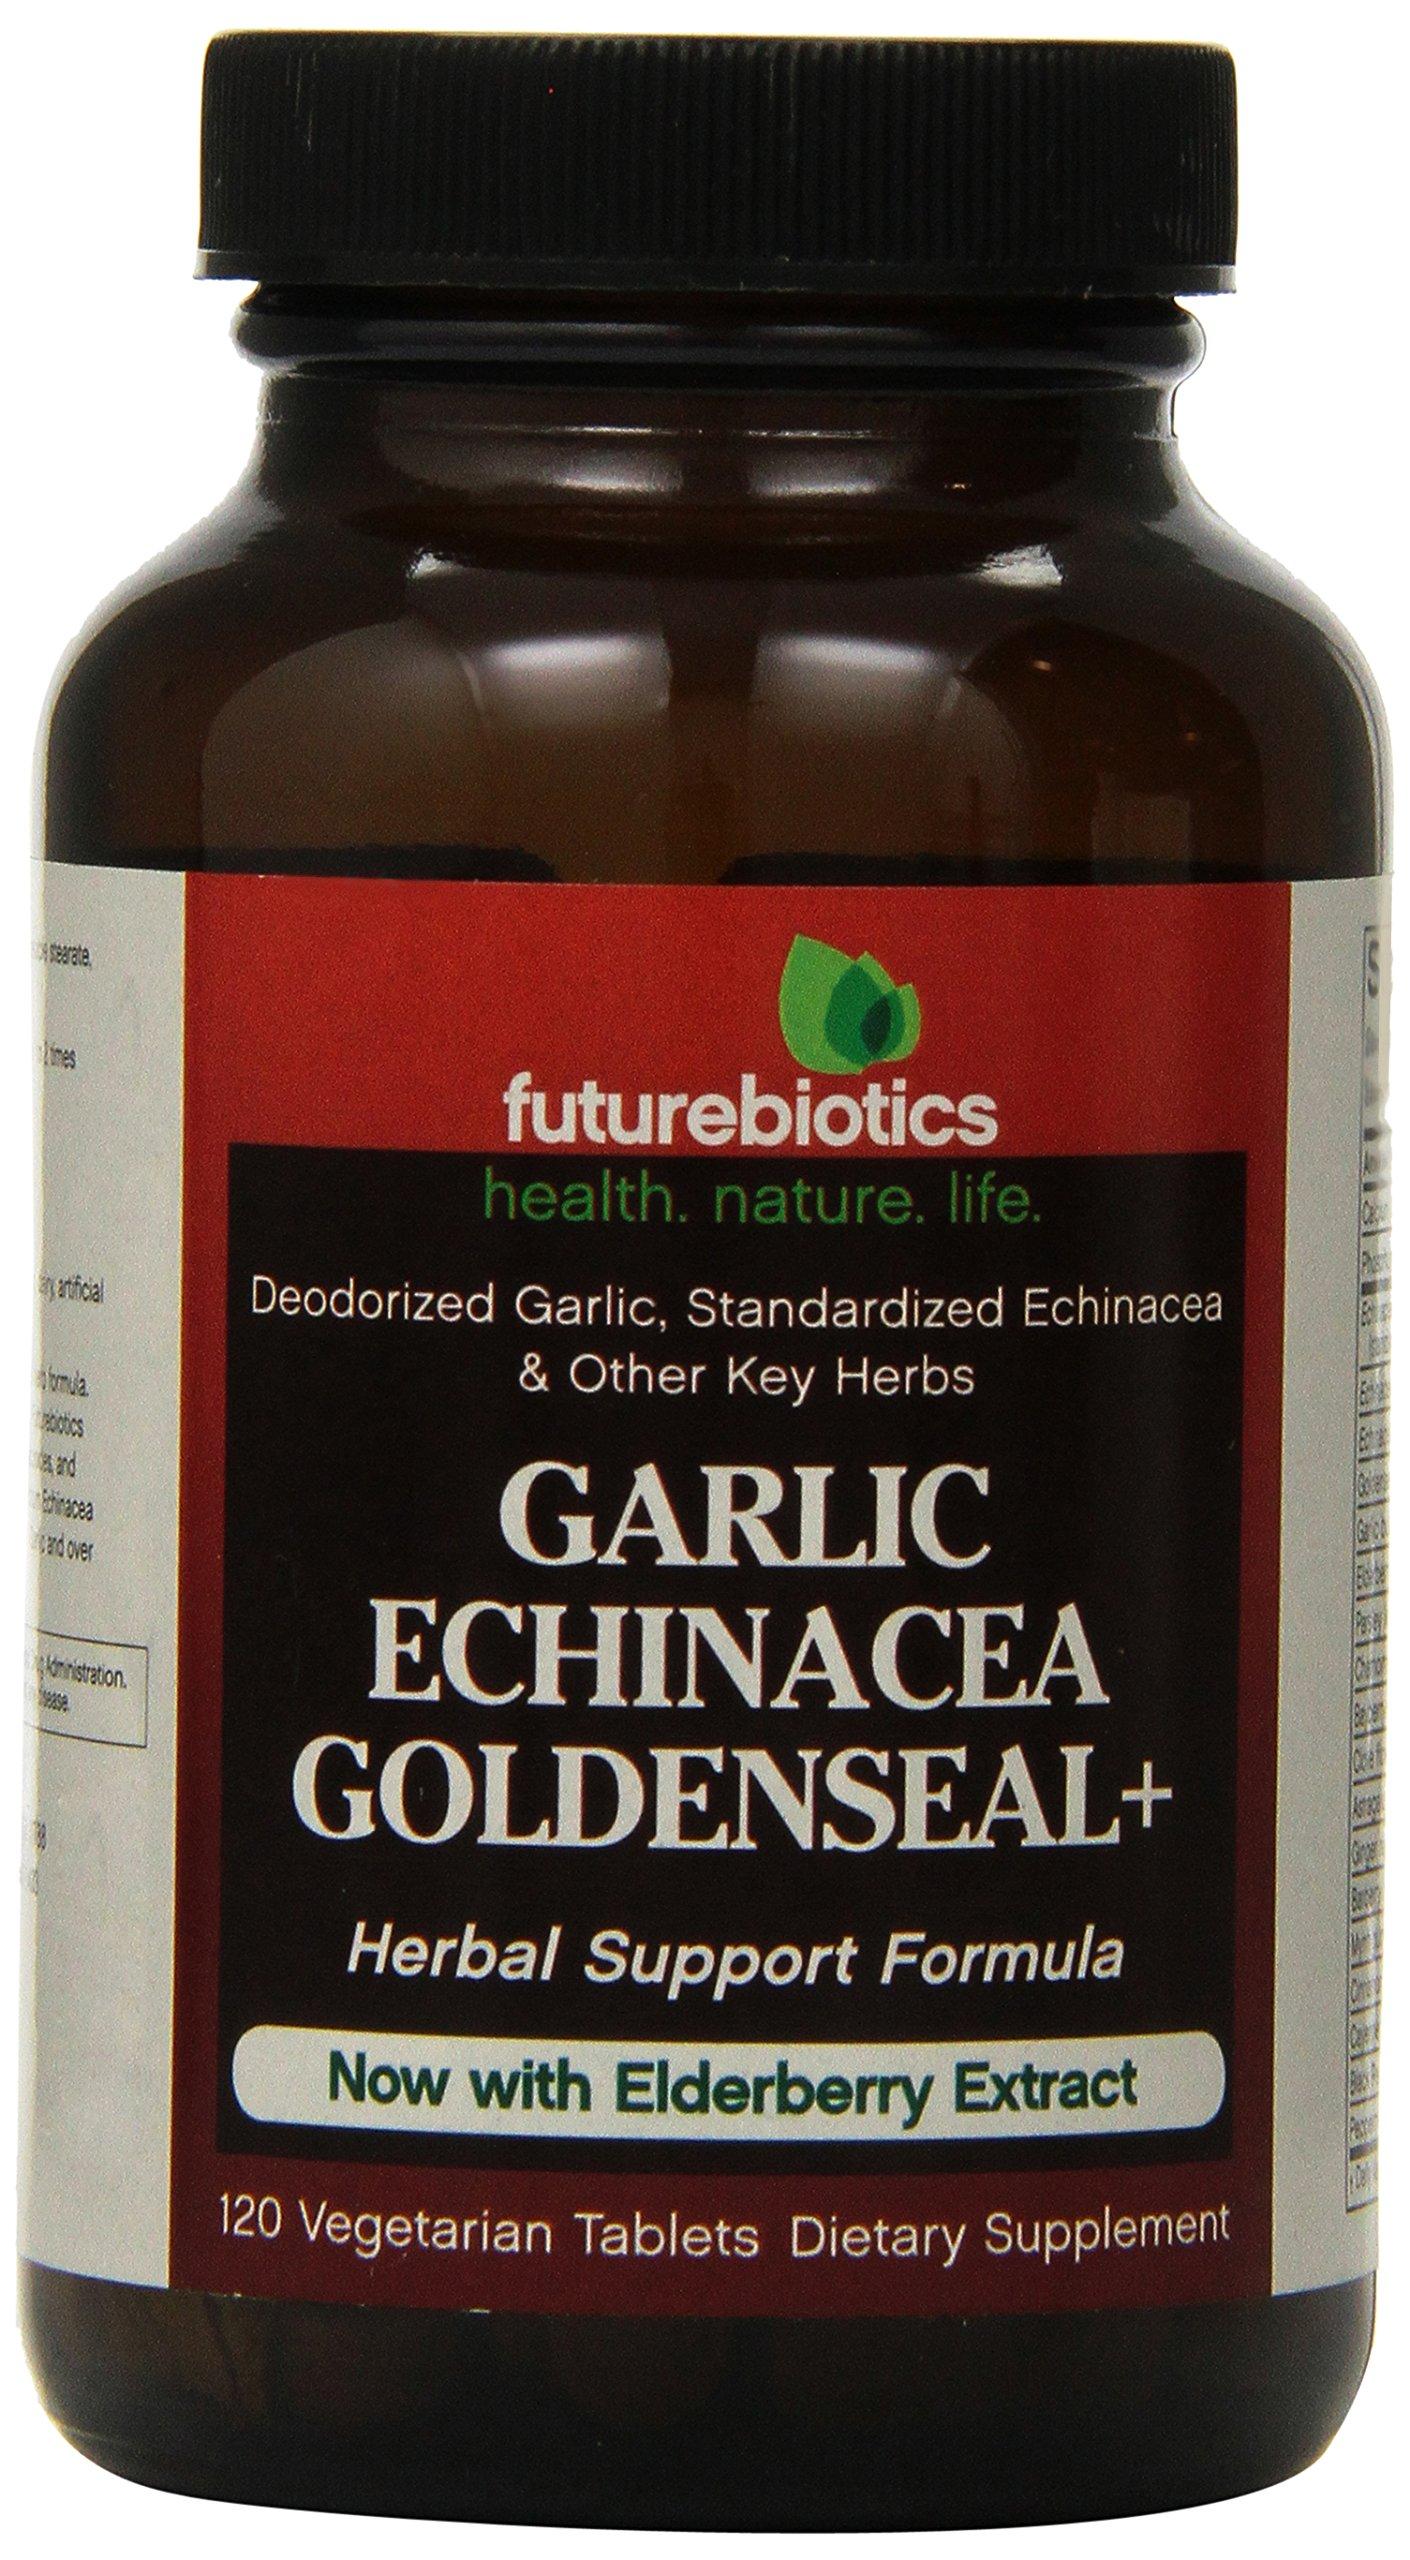 Futurebiotics Garlic Echinacea Goldenseal Plus Tablets, 120-Count (Pack of 12)